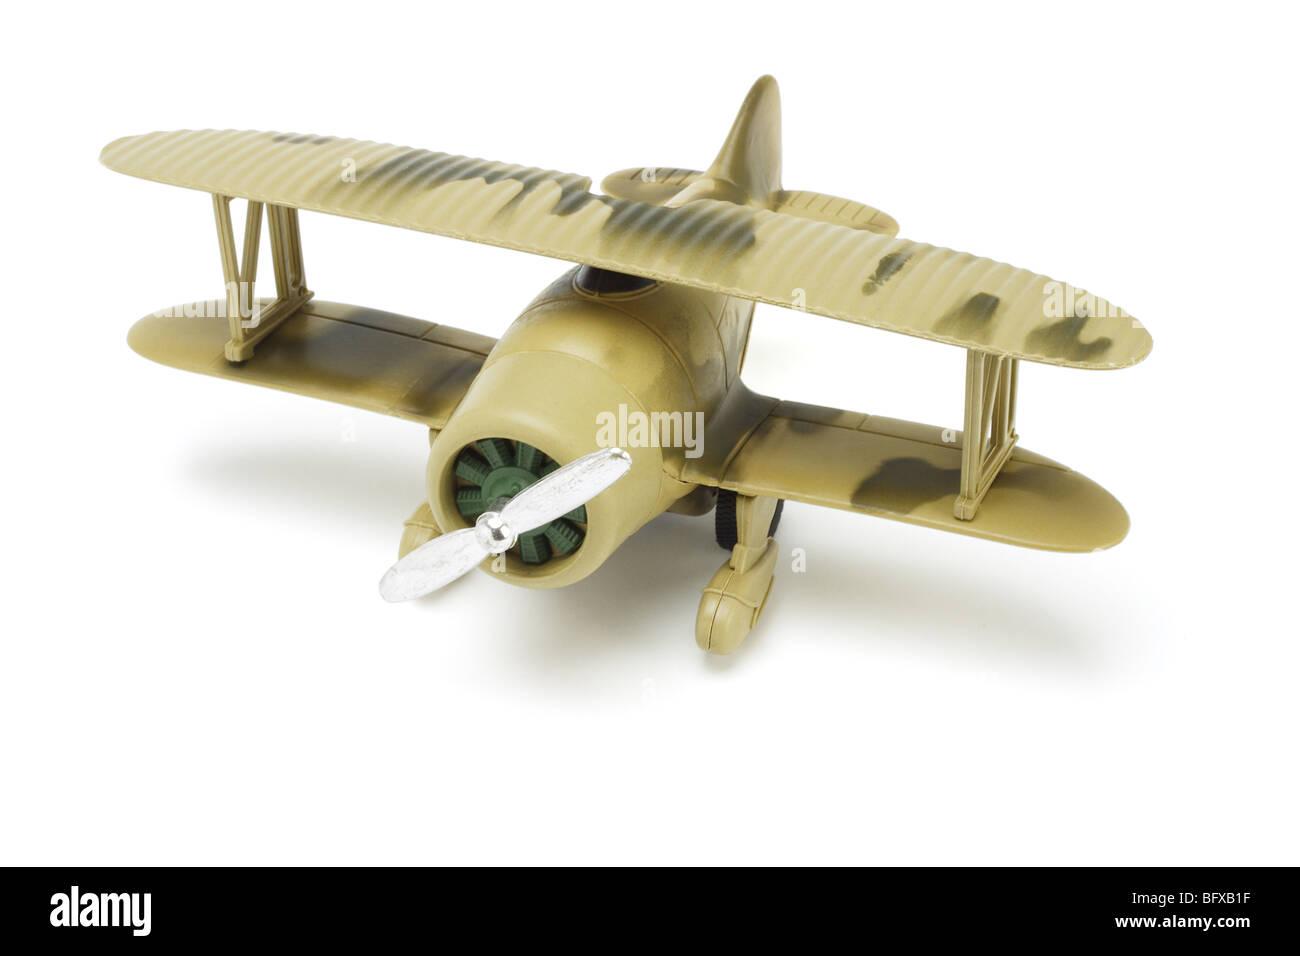 Aviones militares de juguete con pintura de camuflaje sobre fondo blanco. Imagen De Stock